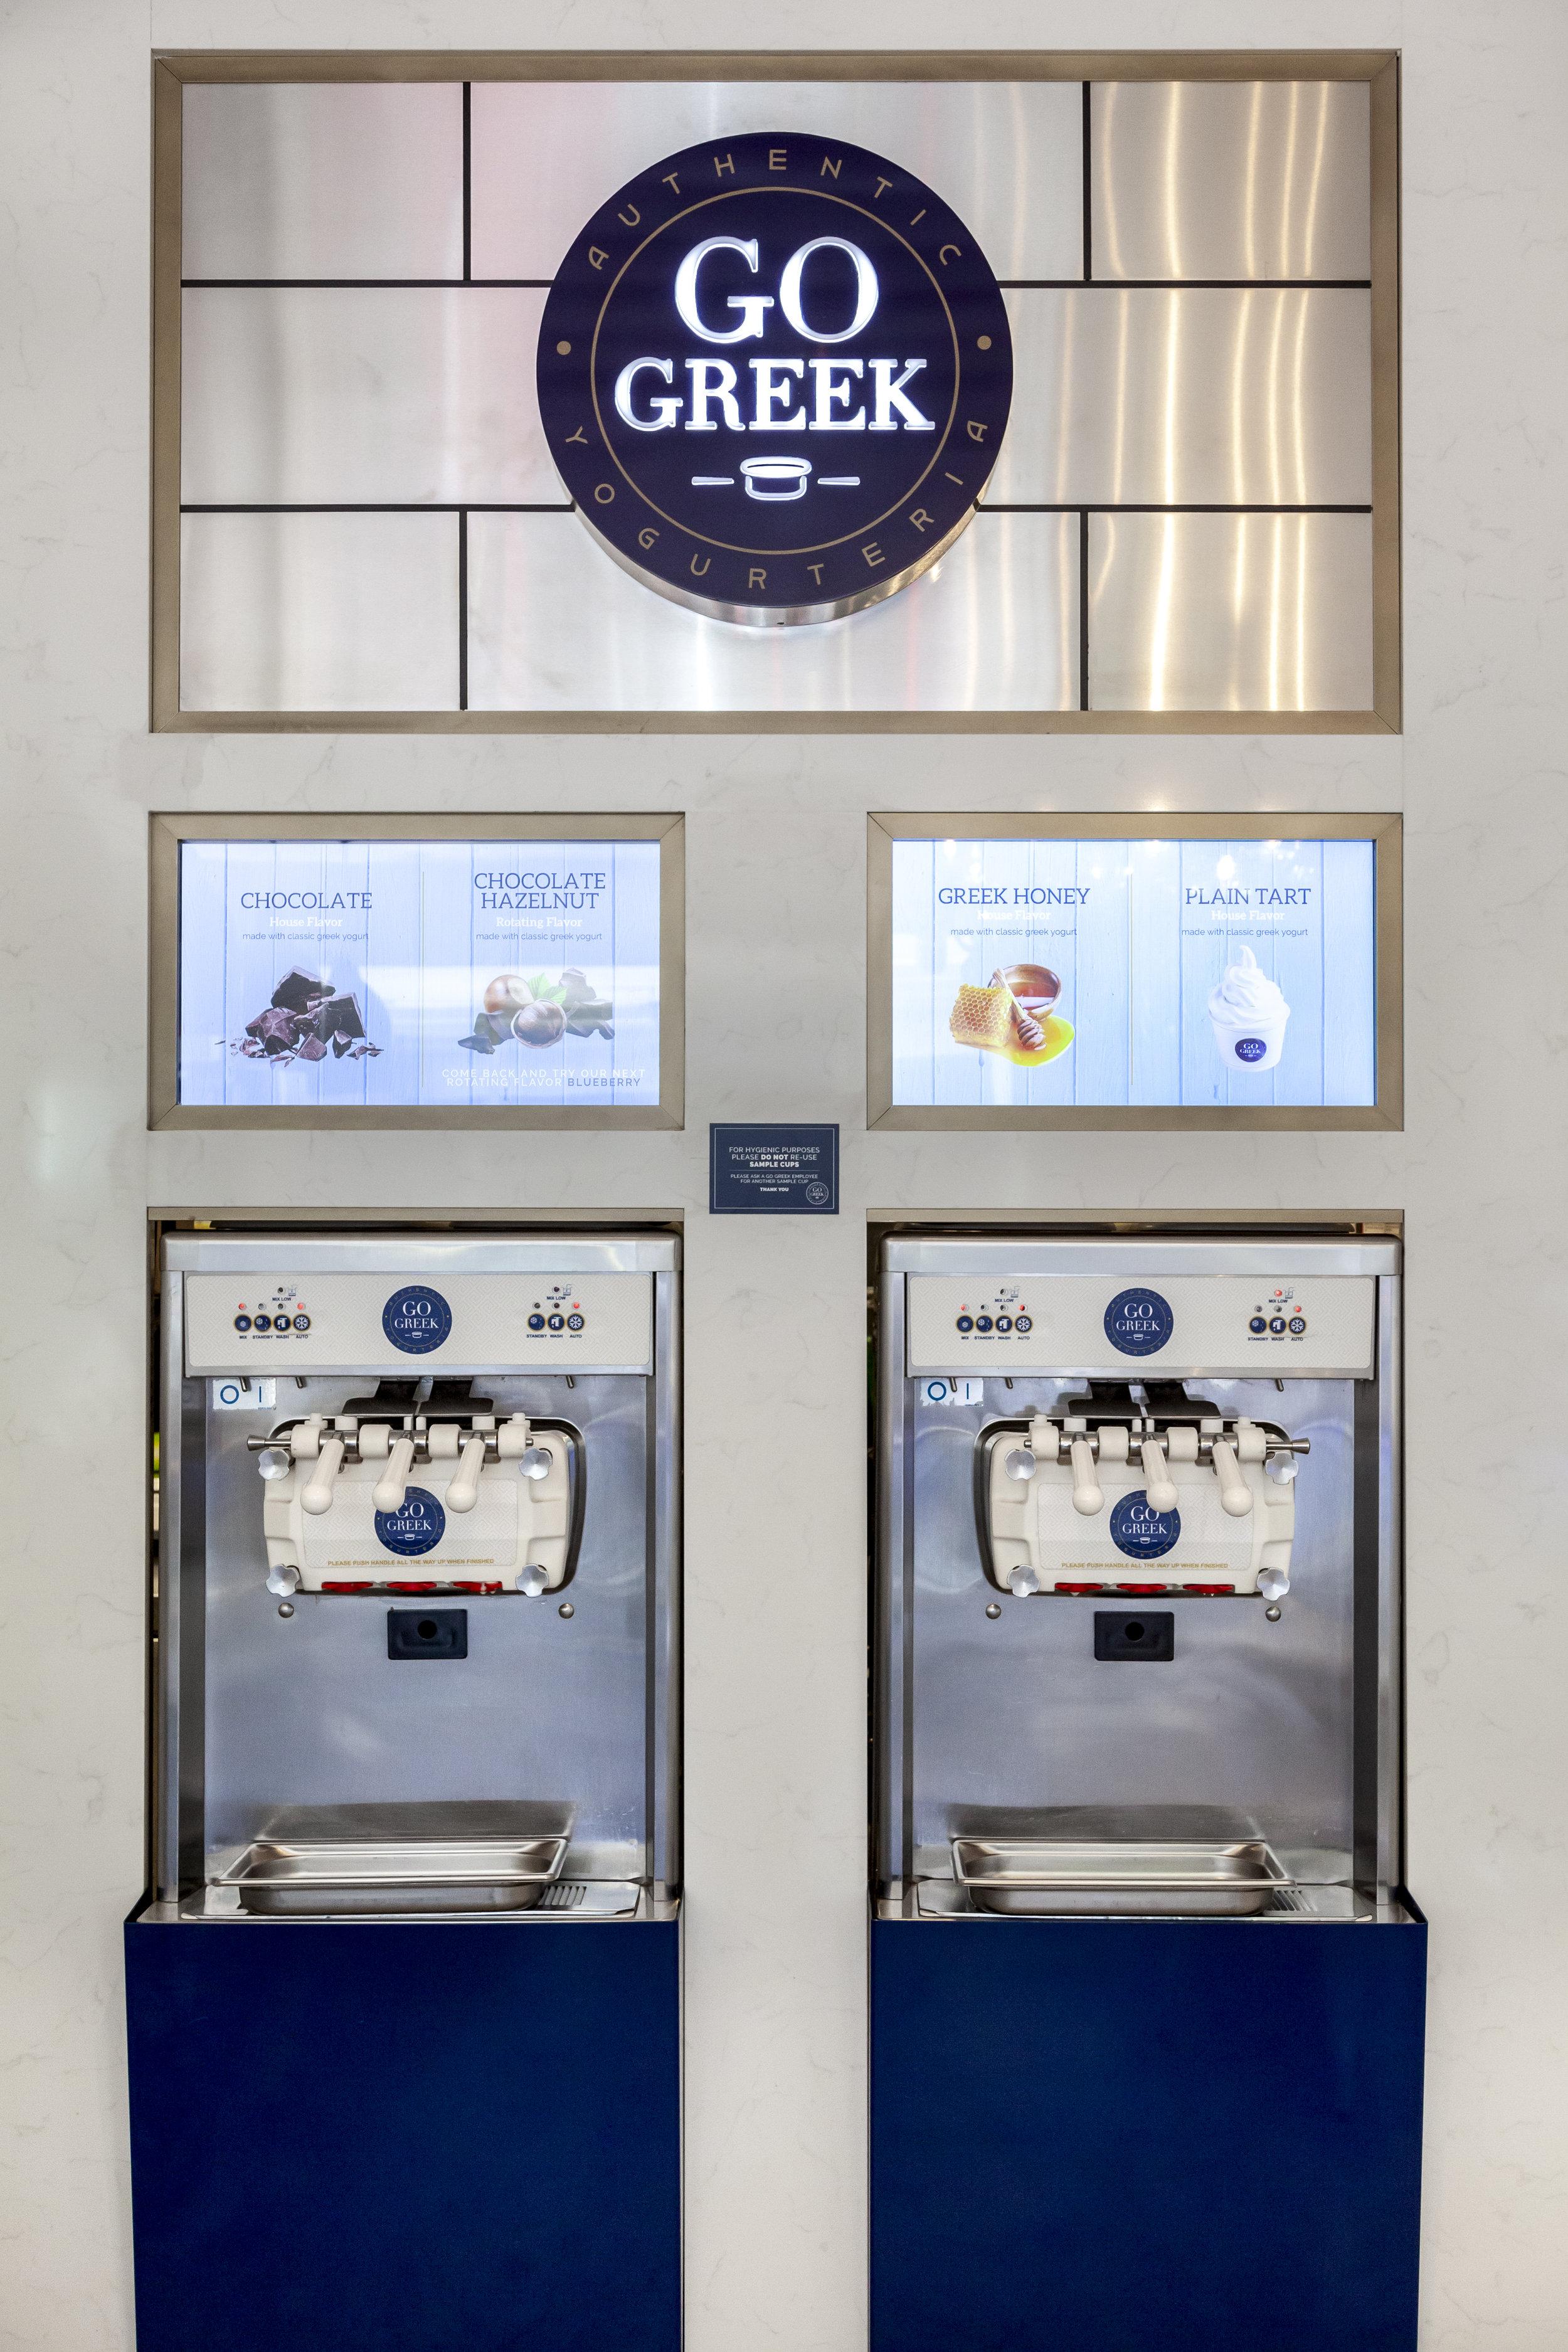 Frozen Yogurt Franchising-Go Greek Yogurt